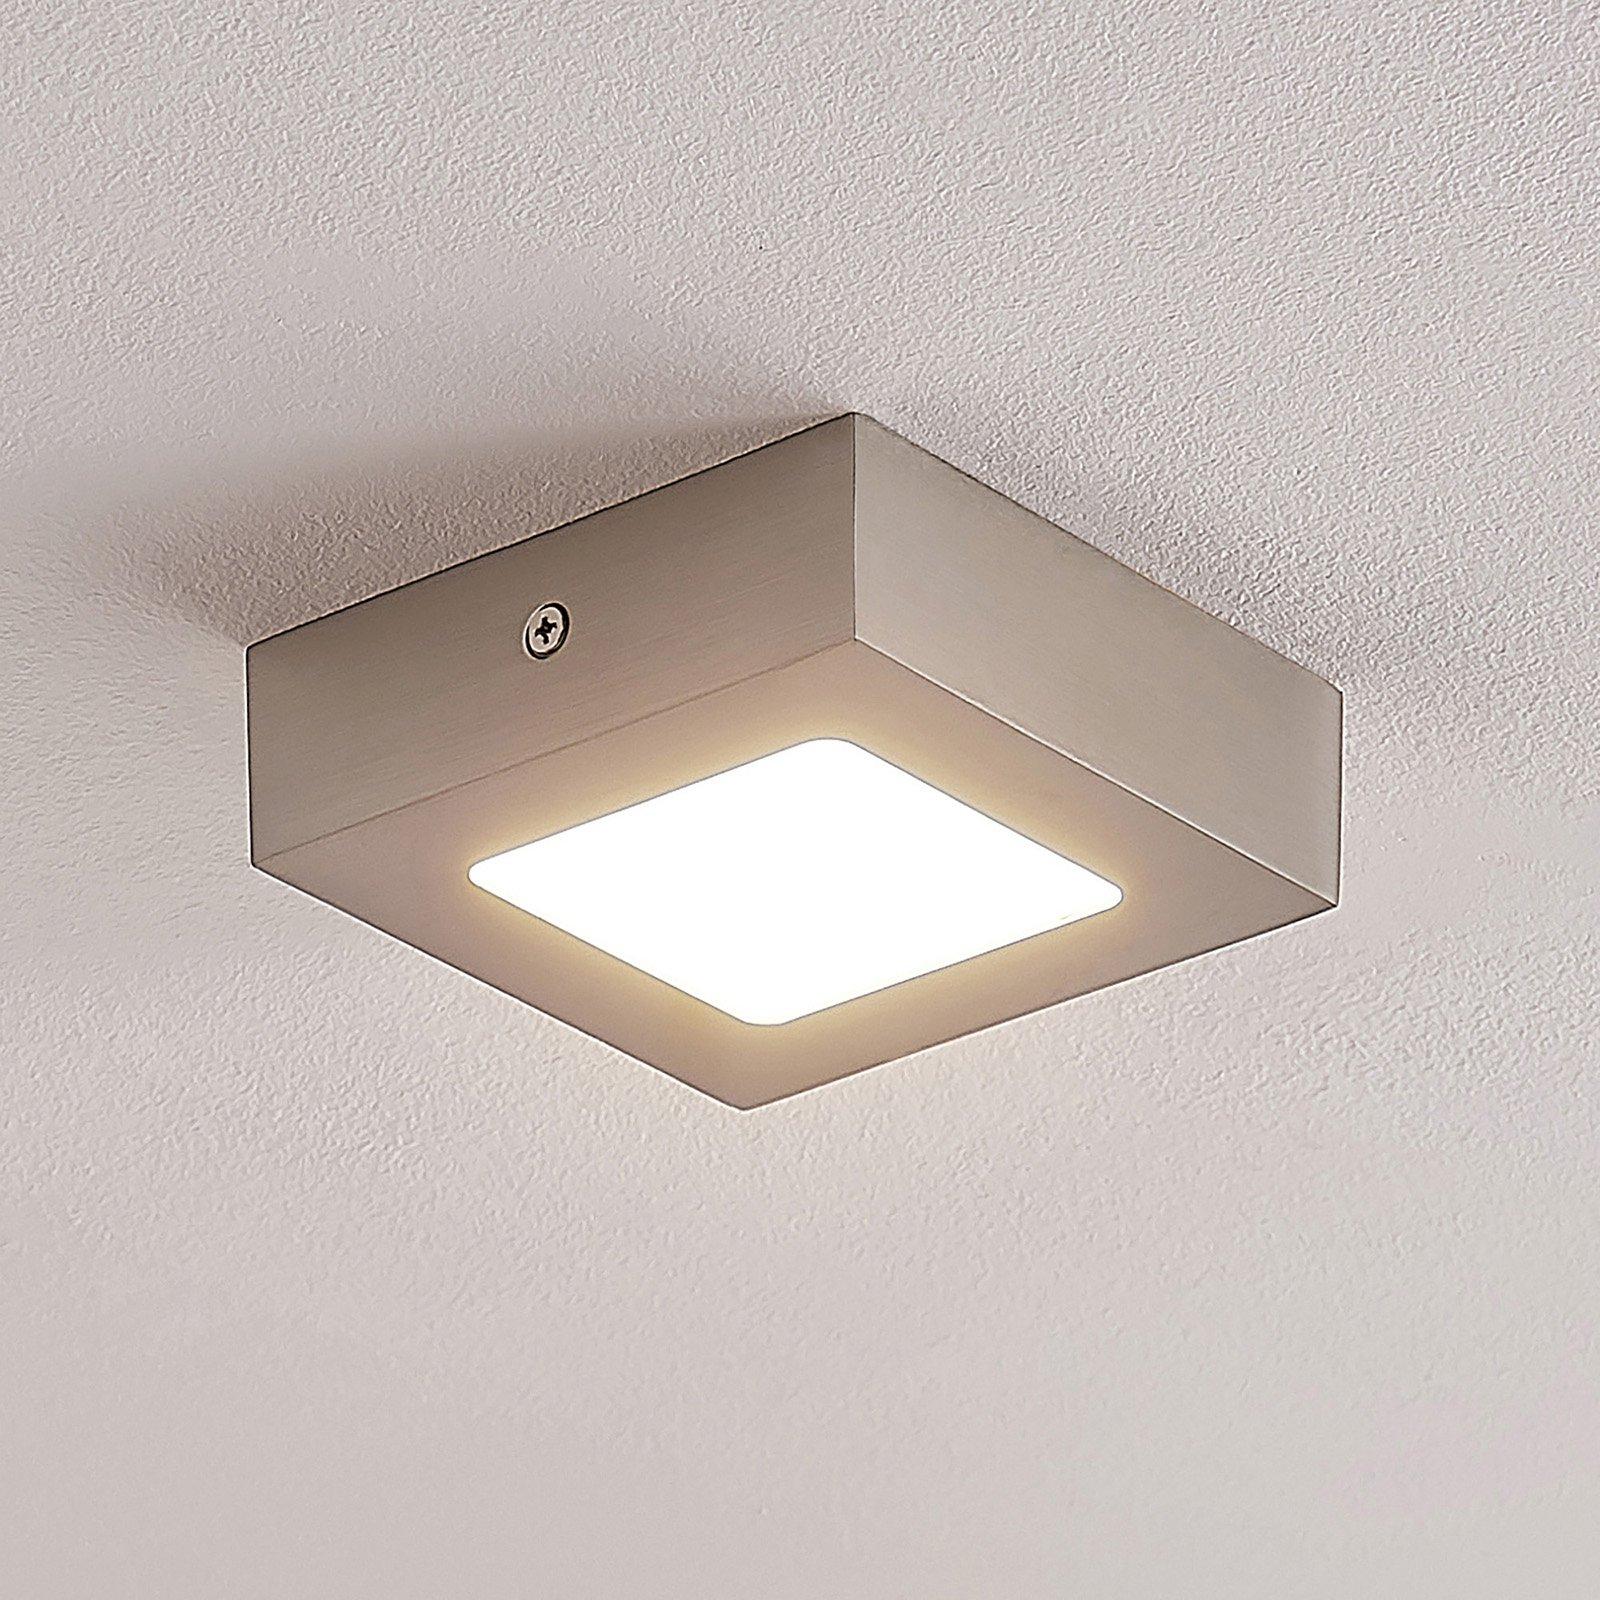 ELC Merina LED-downlight, nikkel 12x12